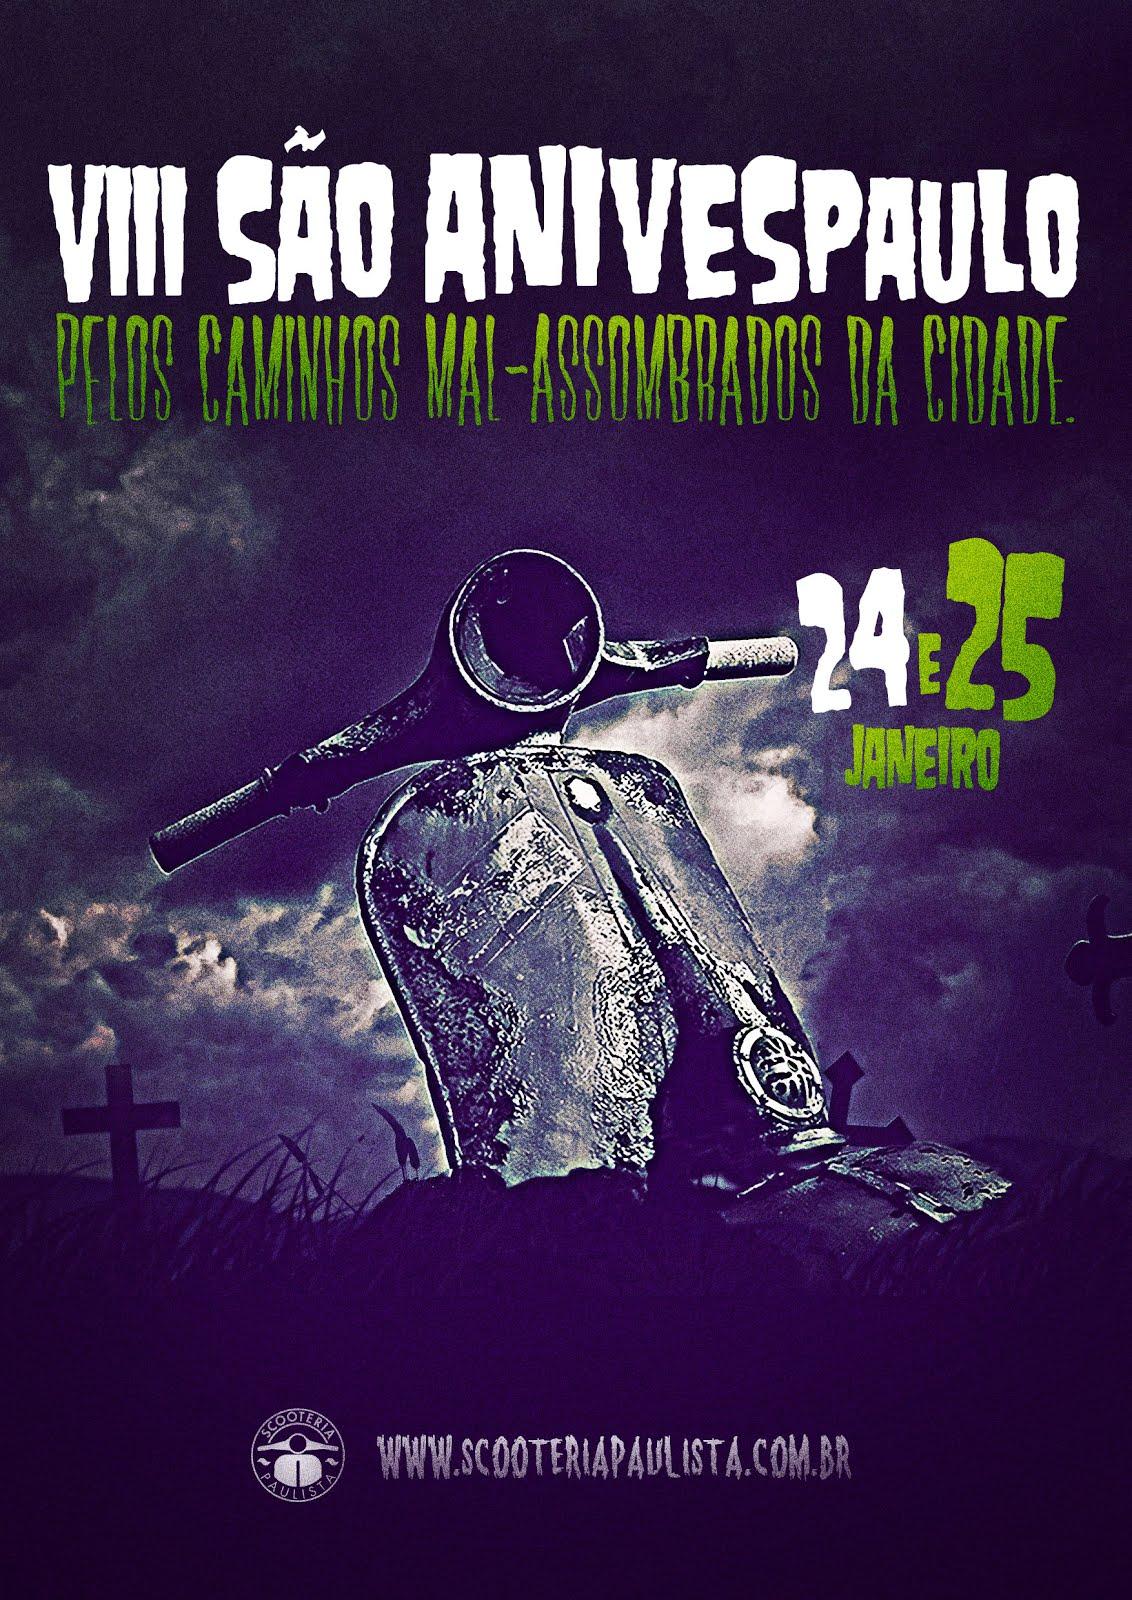 VIII SÃO ANIVESPAULO